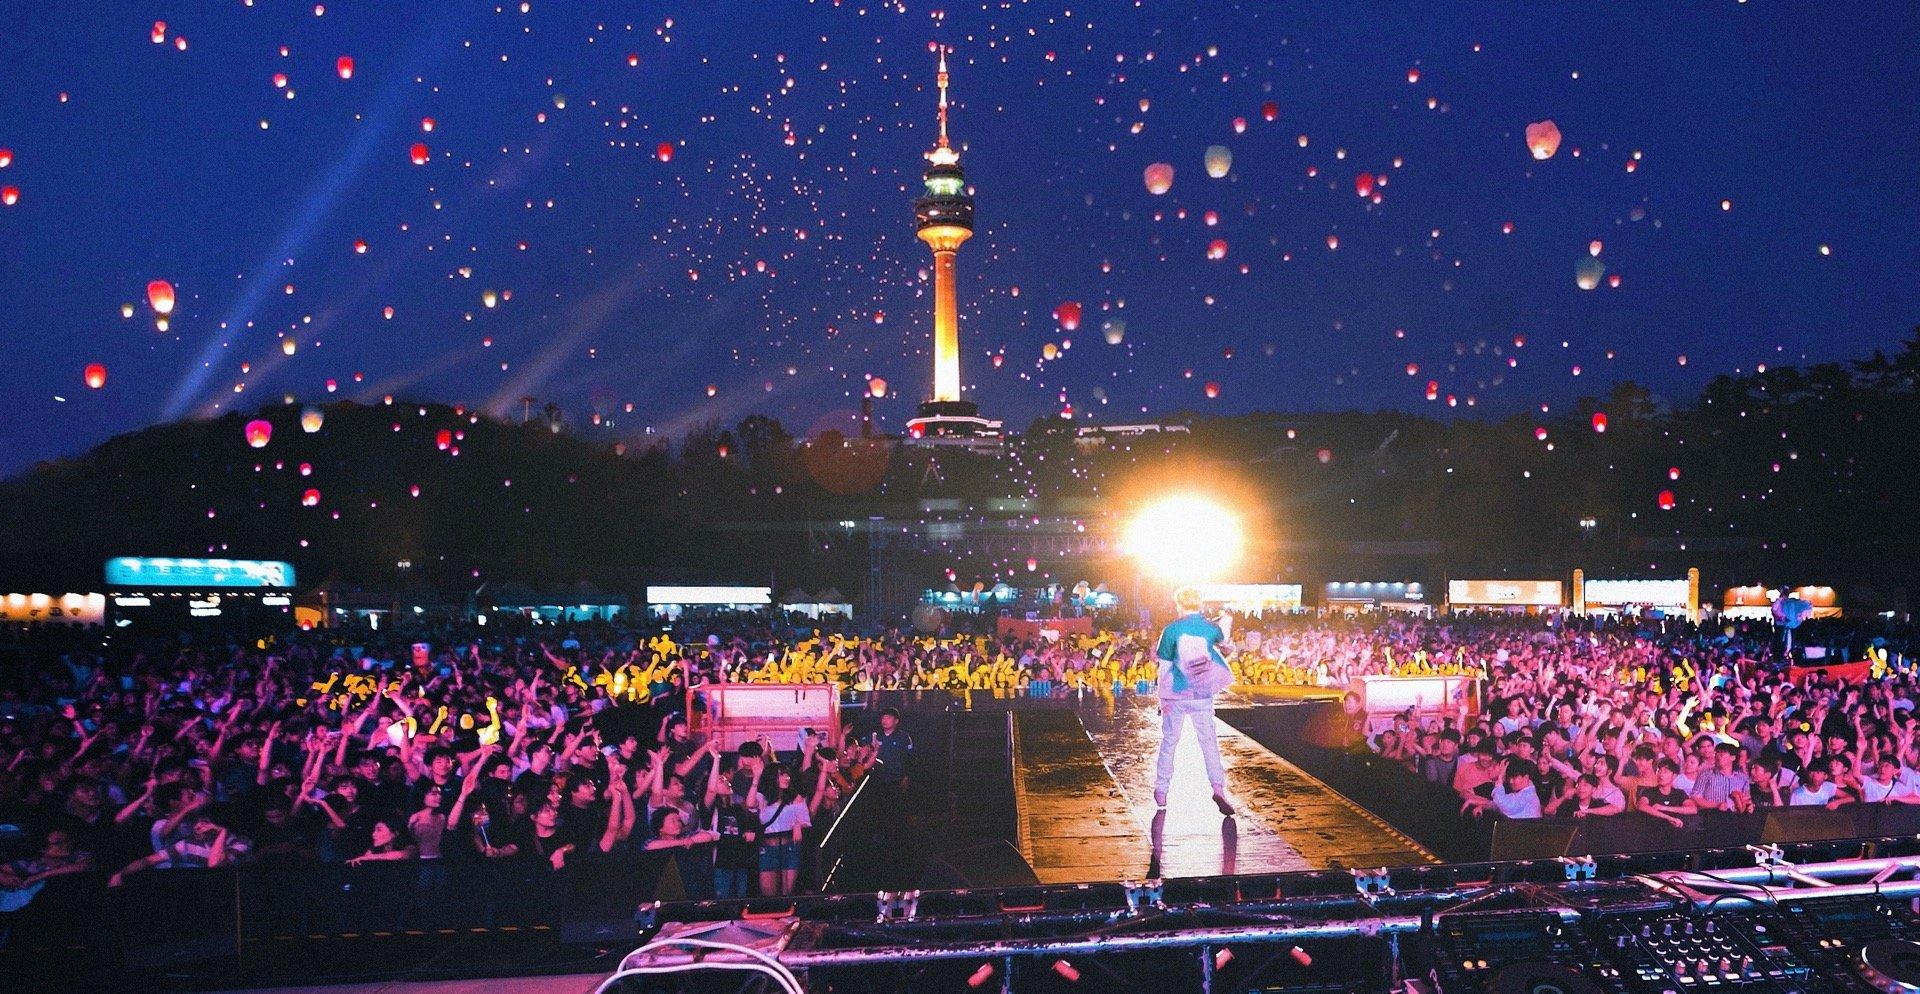 韓国音楽のアンダーグラウンドシーンは停滞している? 文化政策からは見えない歪みと光